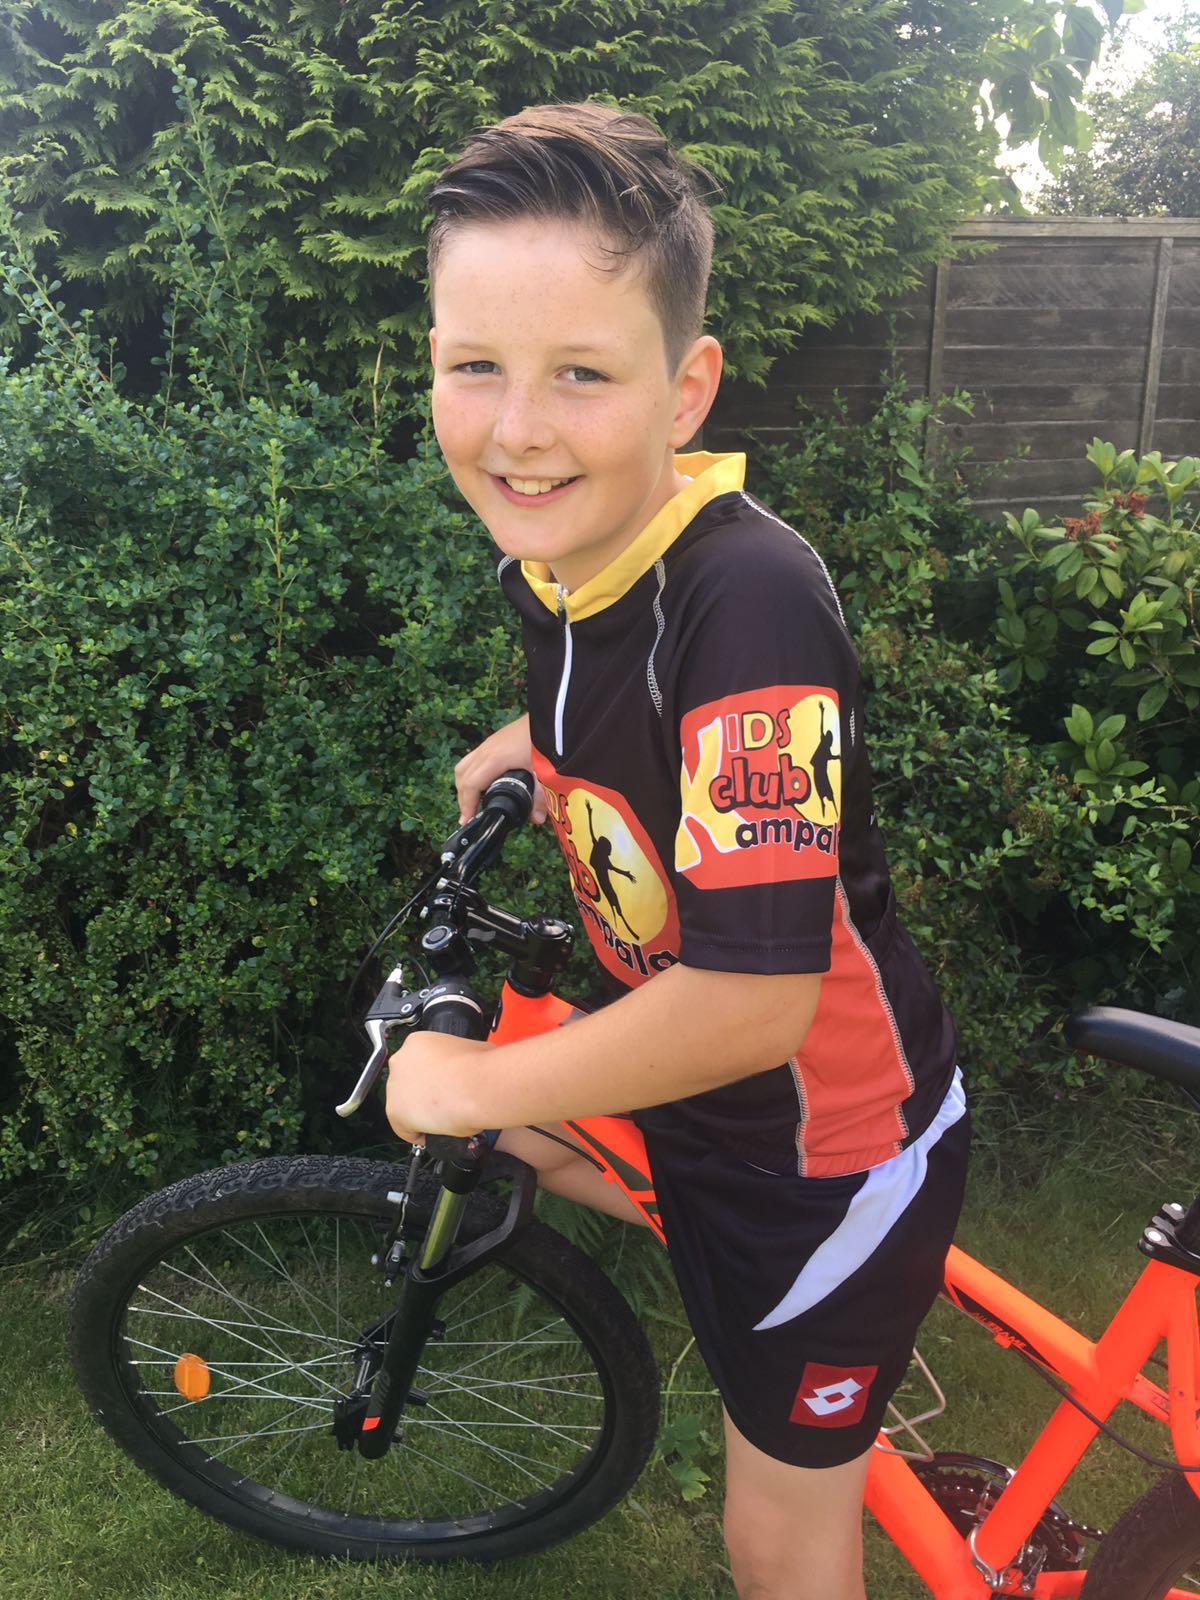 Jude triathlon.jpg